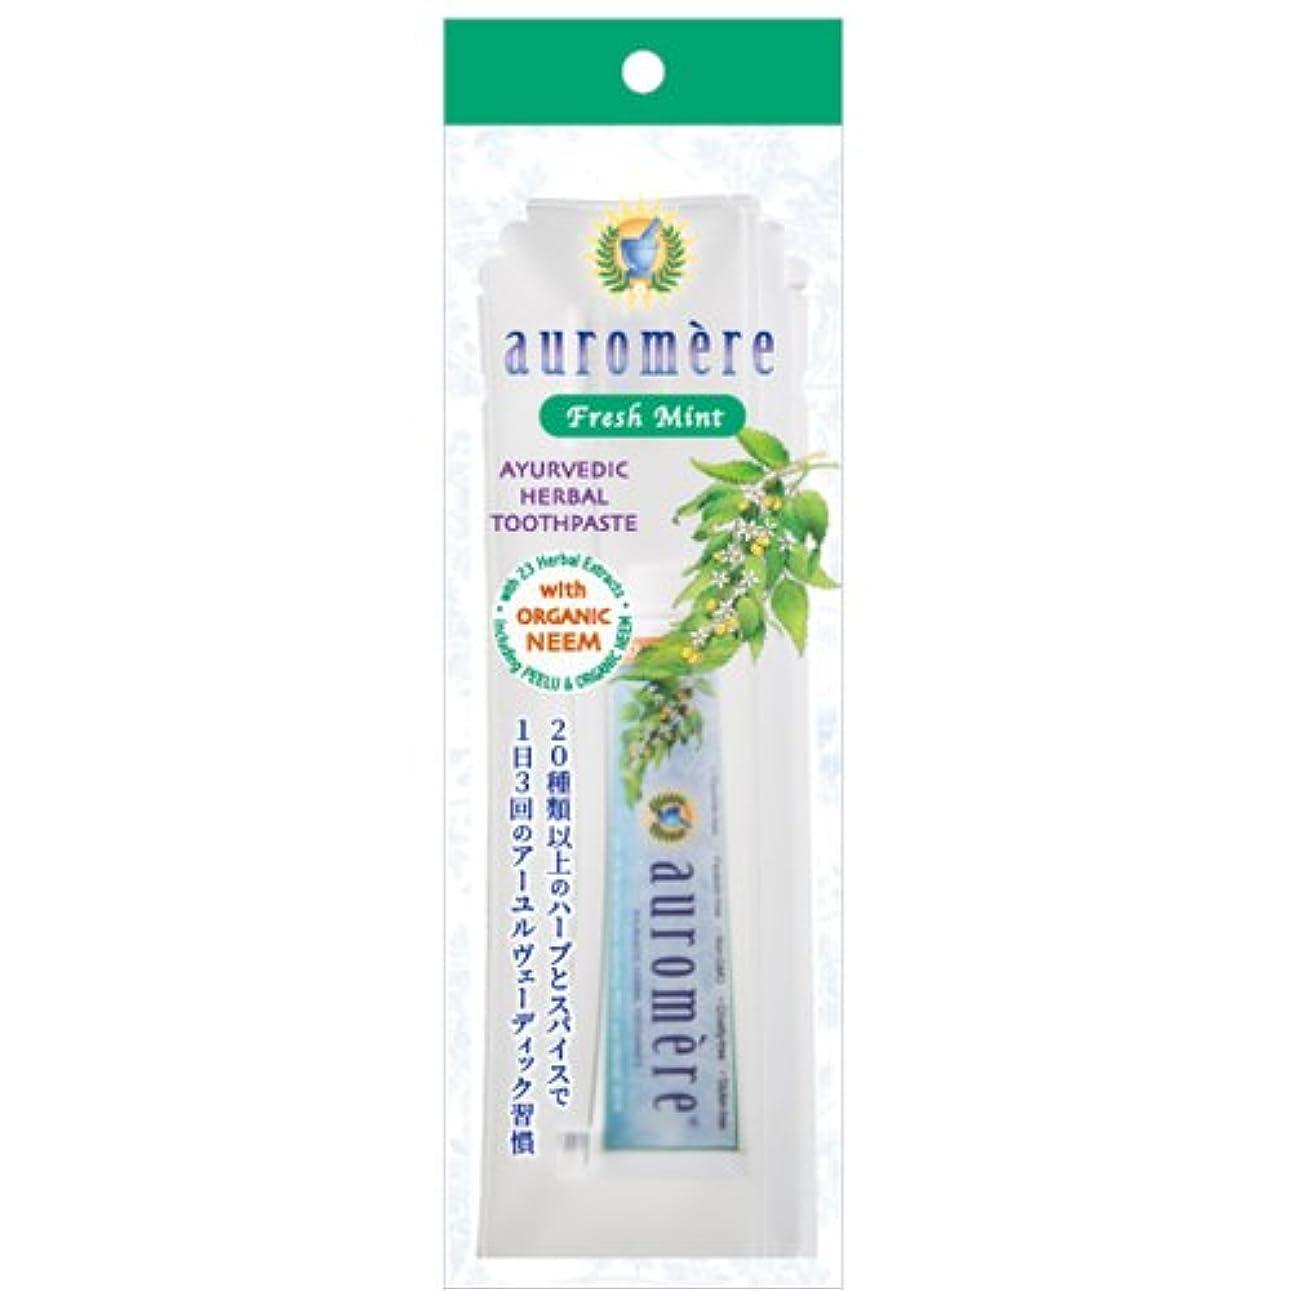 悔い改め開始ご注意オーロメア 歯磨き粉 フレッシュミント トラベルセット (30g)